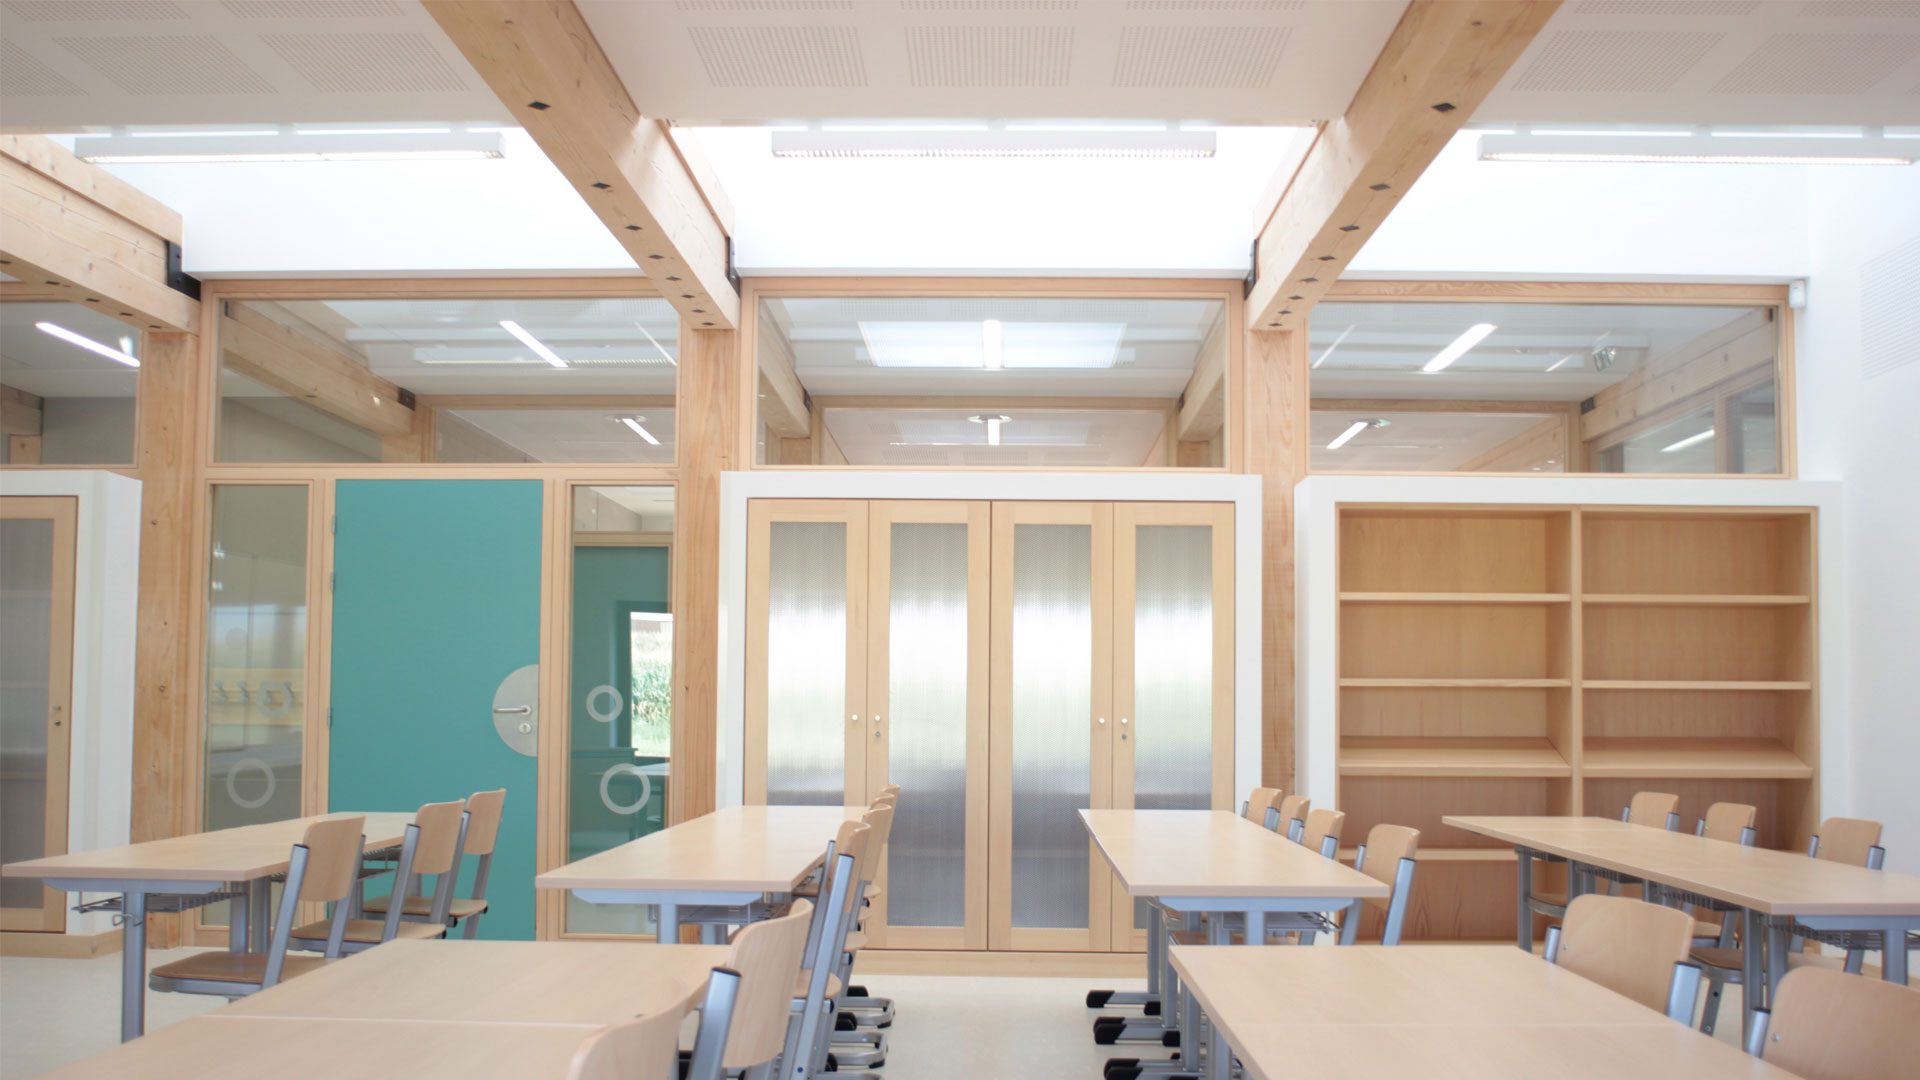 école à Kolbsheim - photo F.Kronenberger